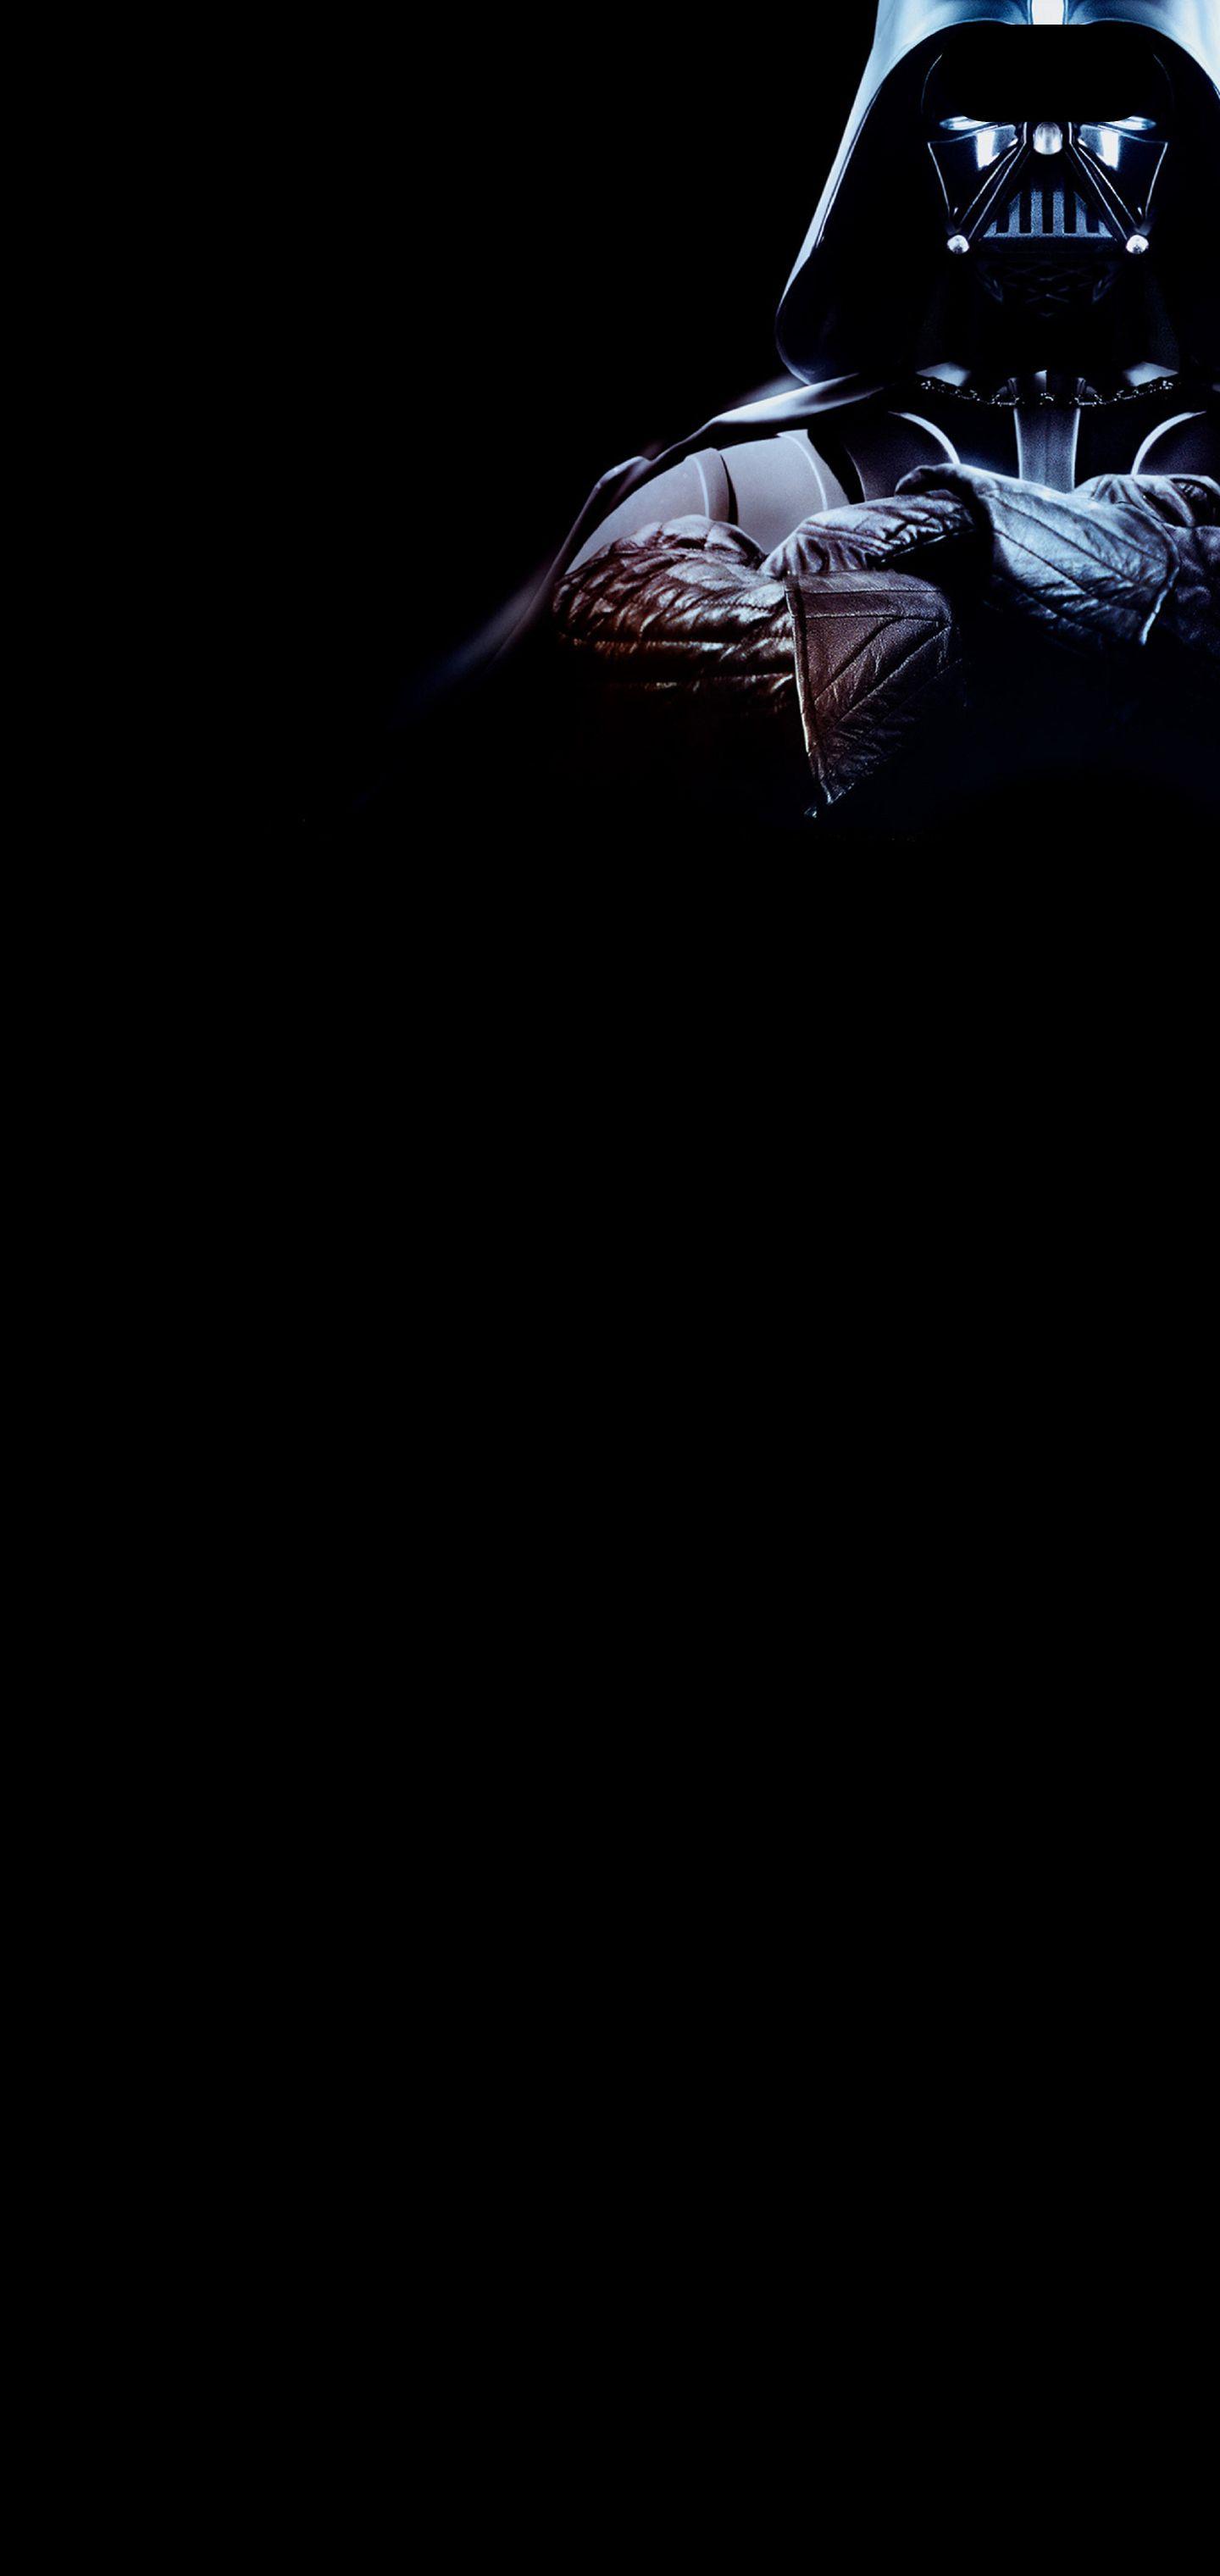 Galaxy S10 Wallpaper Of Darth Vader Darth Vader Wallpaper Samsung Galaxy Wallpaper Darth Vader